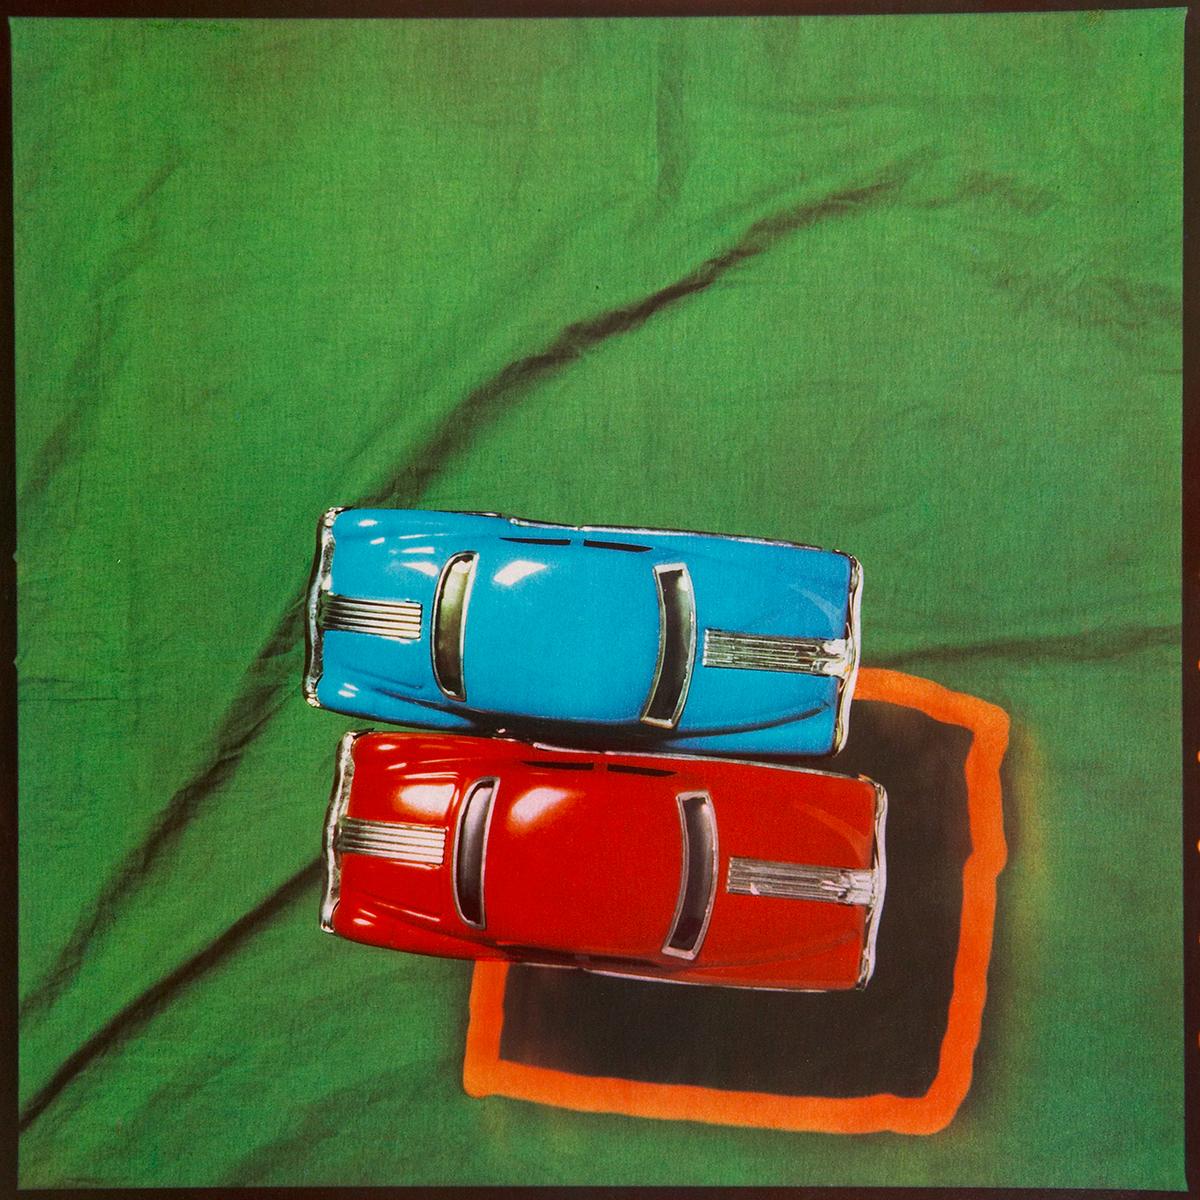 # 03 Les jouets, 1984